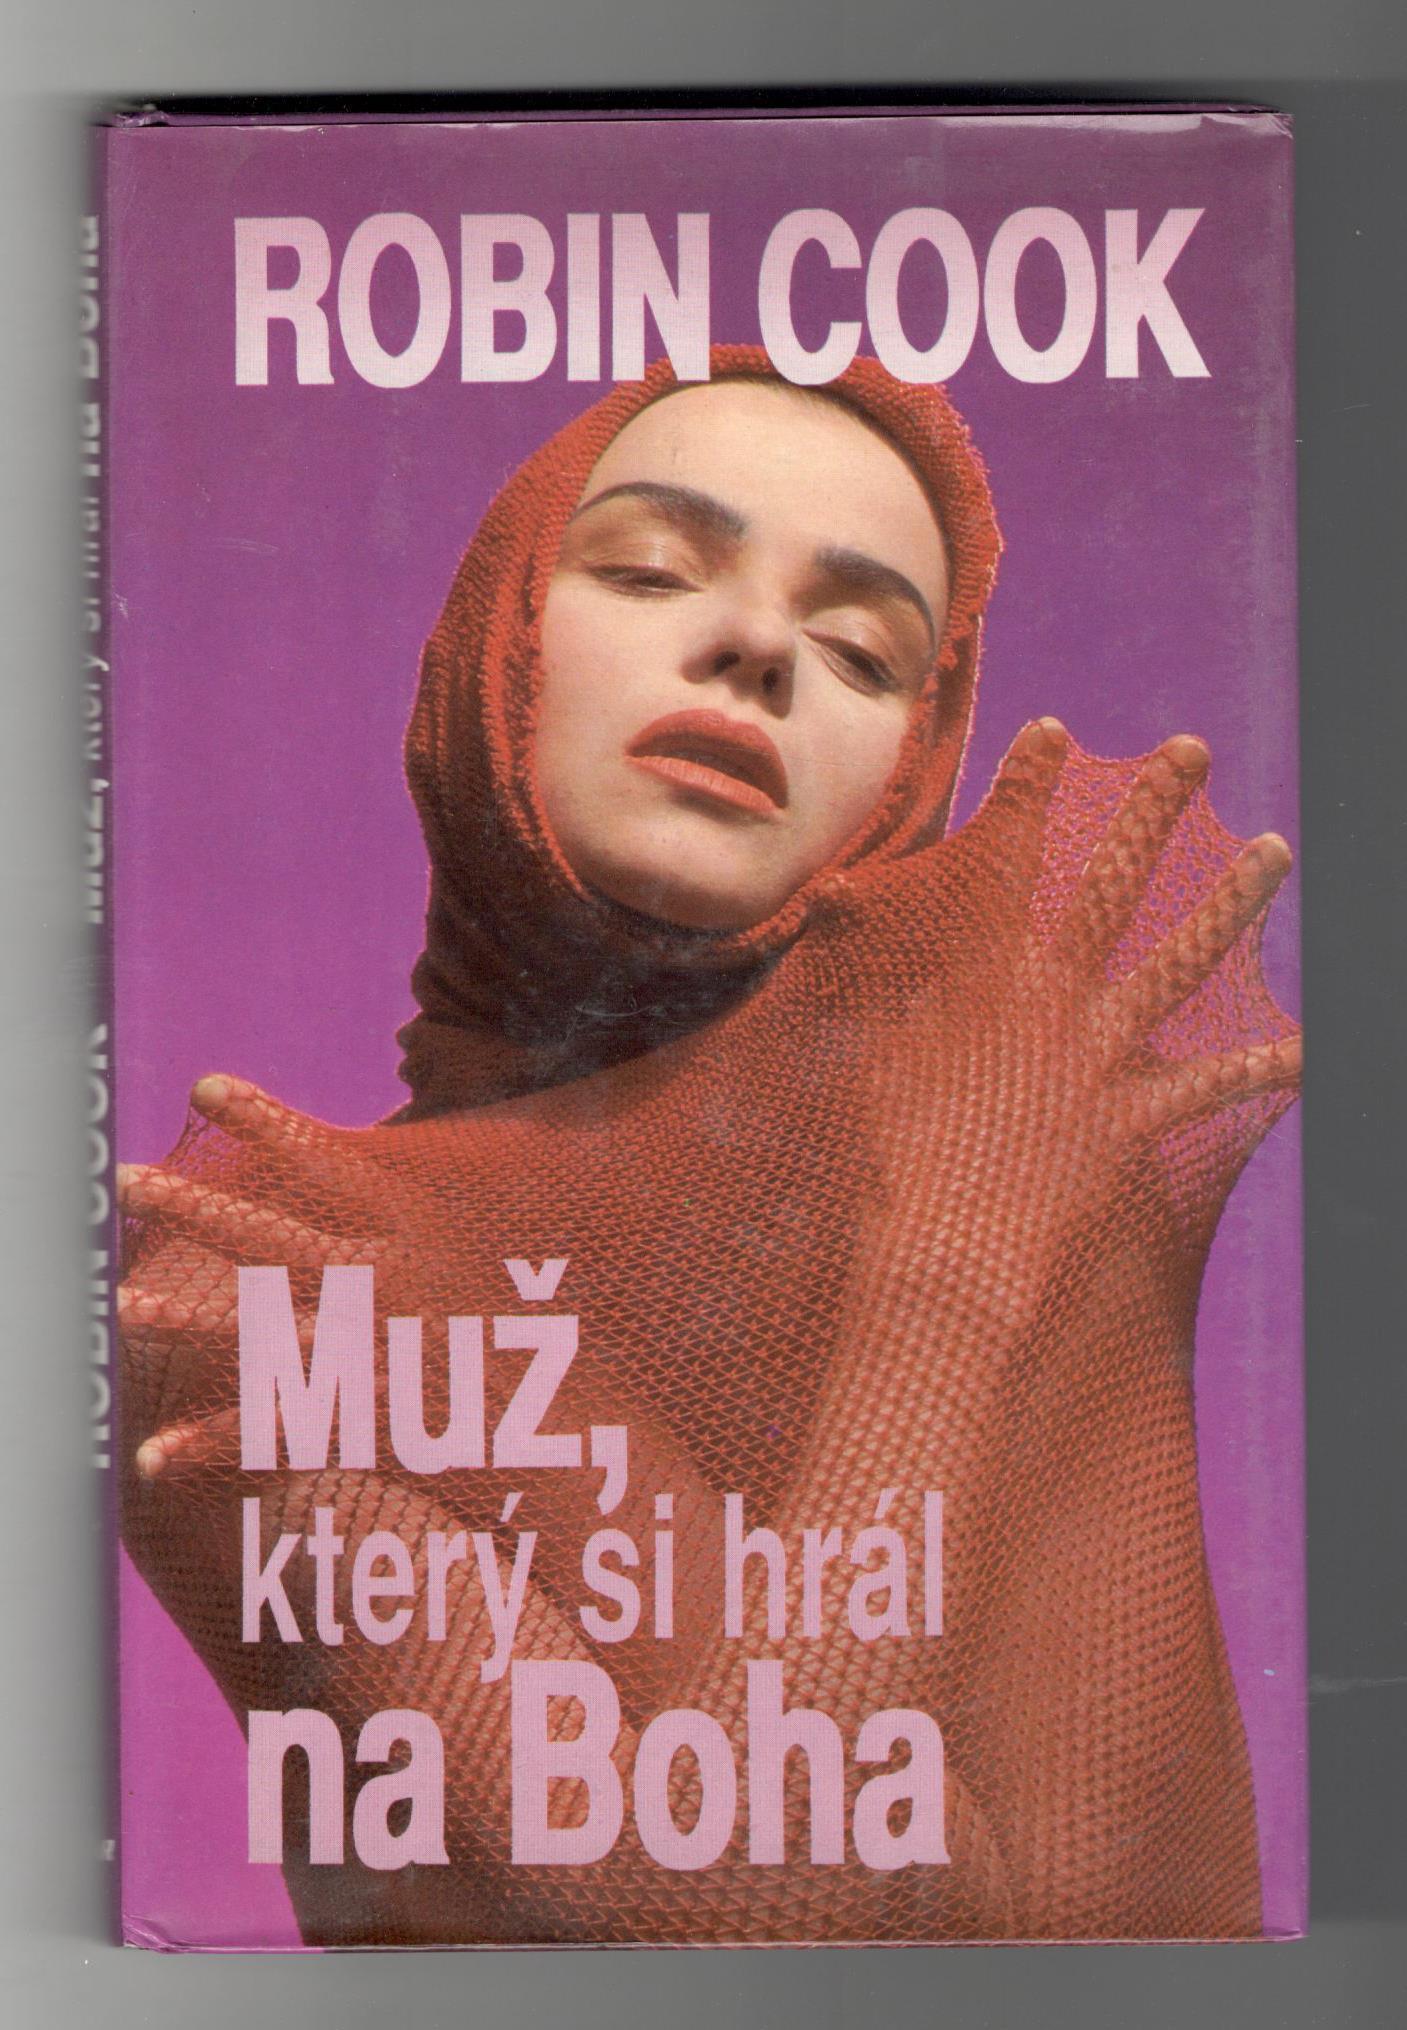 Muž, který si hrál na Boha - Robin Cook